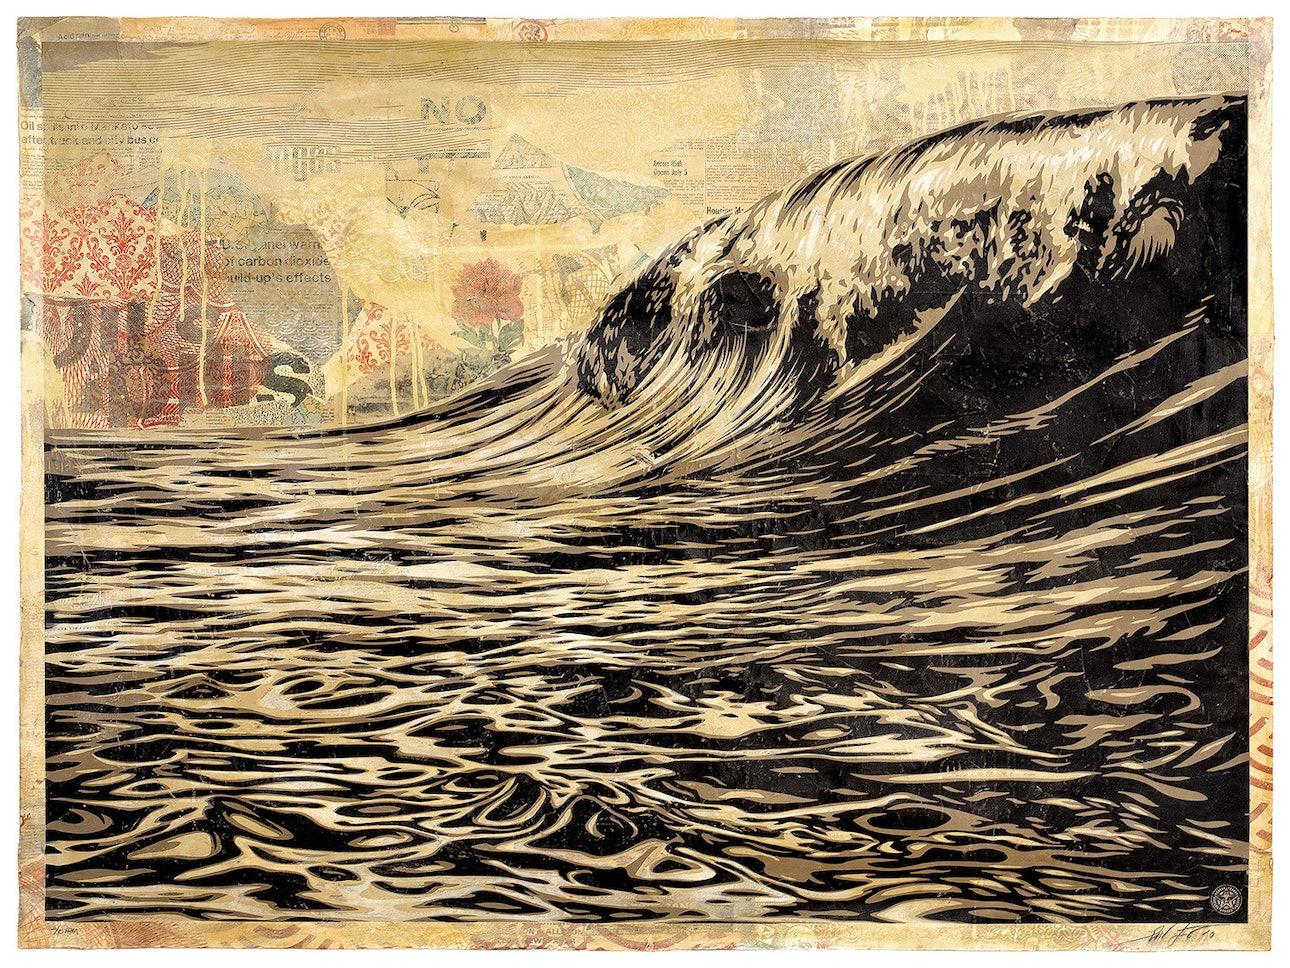 Шепард-Фэйри,-Темная-волна,-2010.-Шелкография-и-коллаж-в-смешанной-технике-на-бумаге,-раскрашенная-вручную-основа